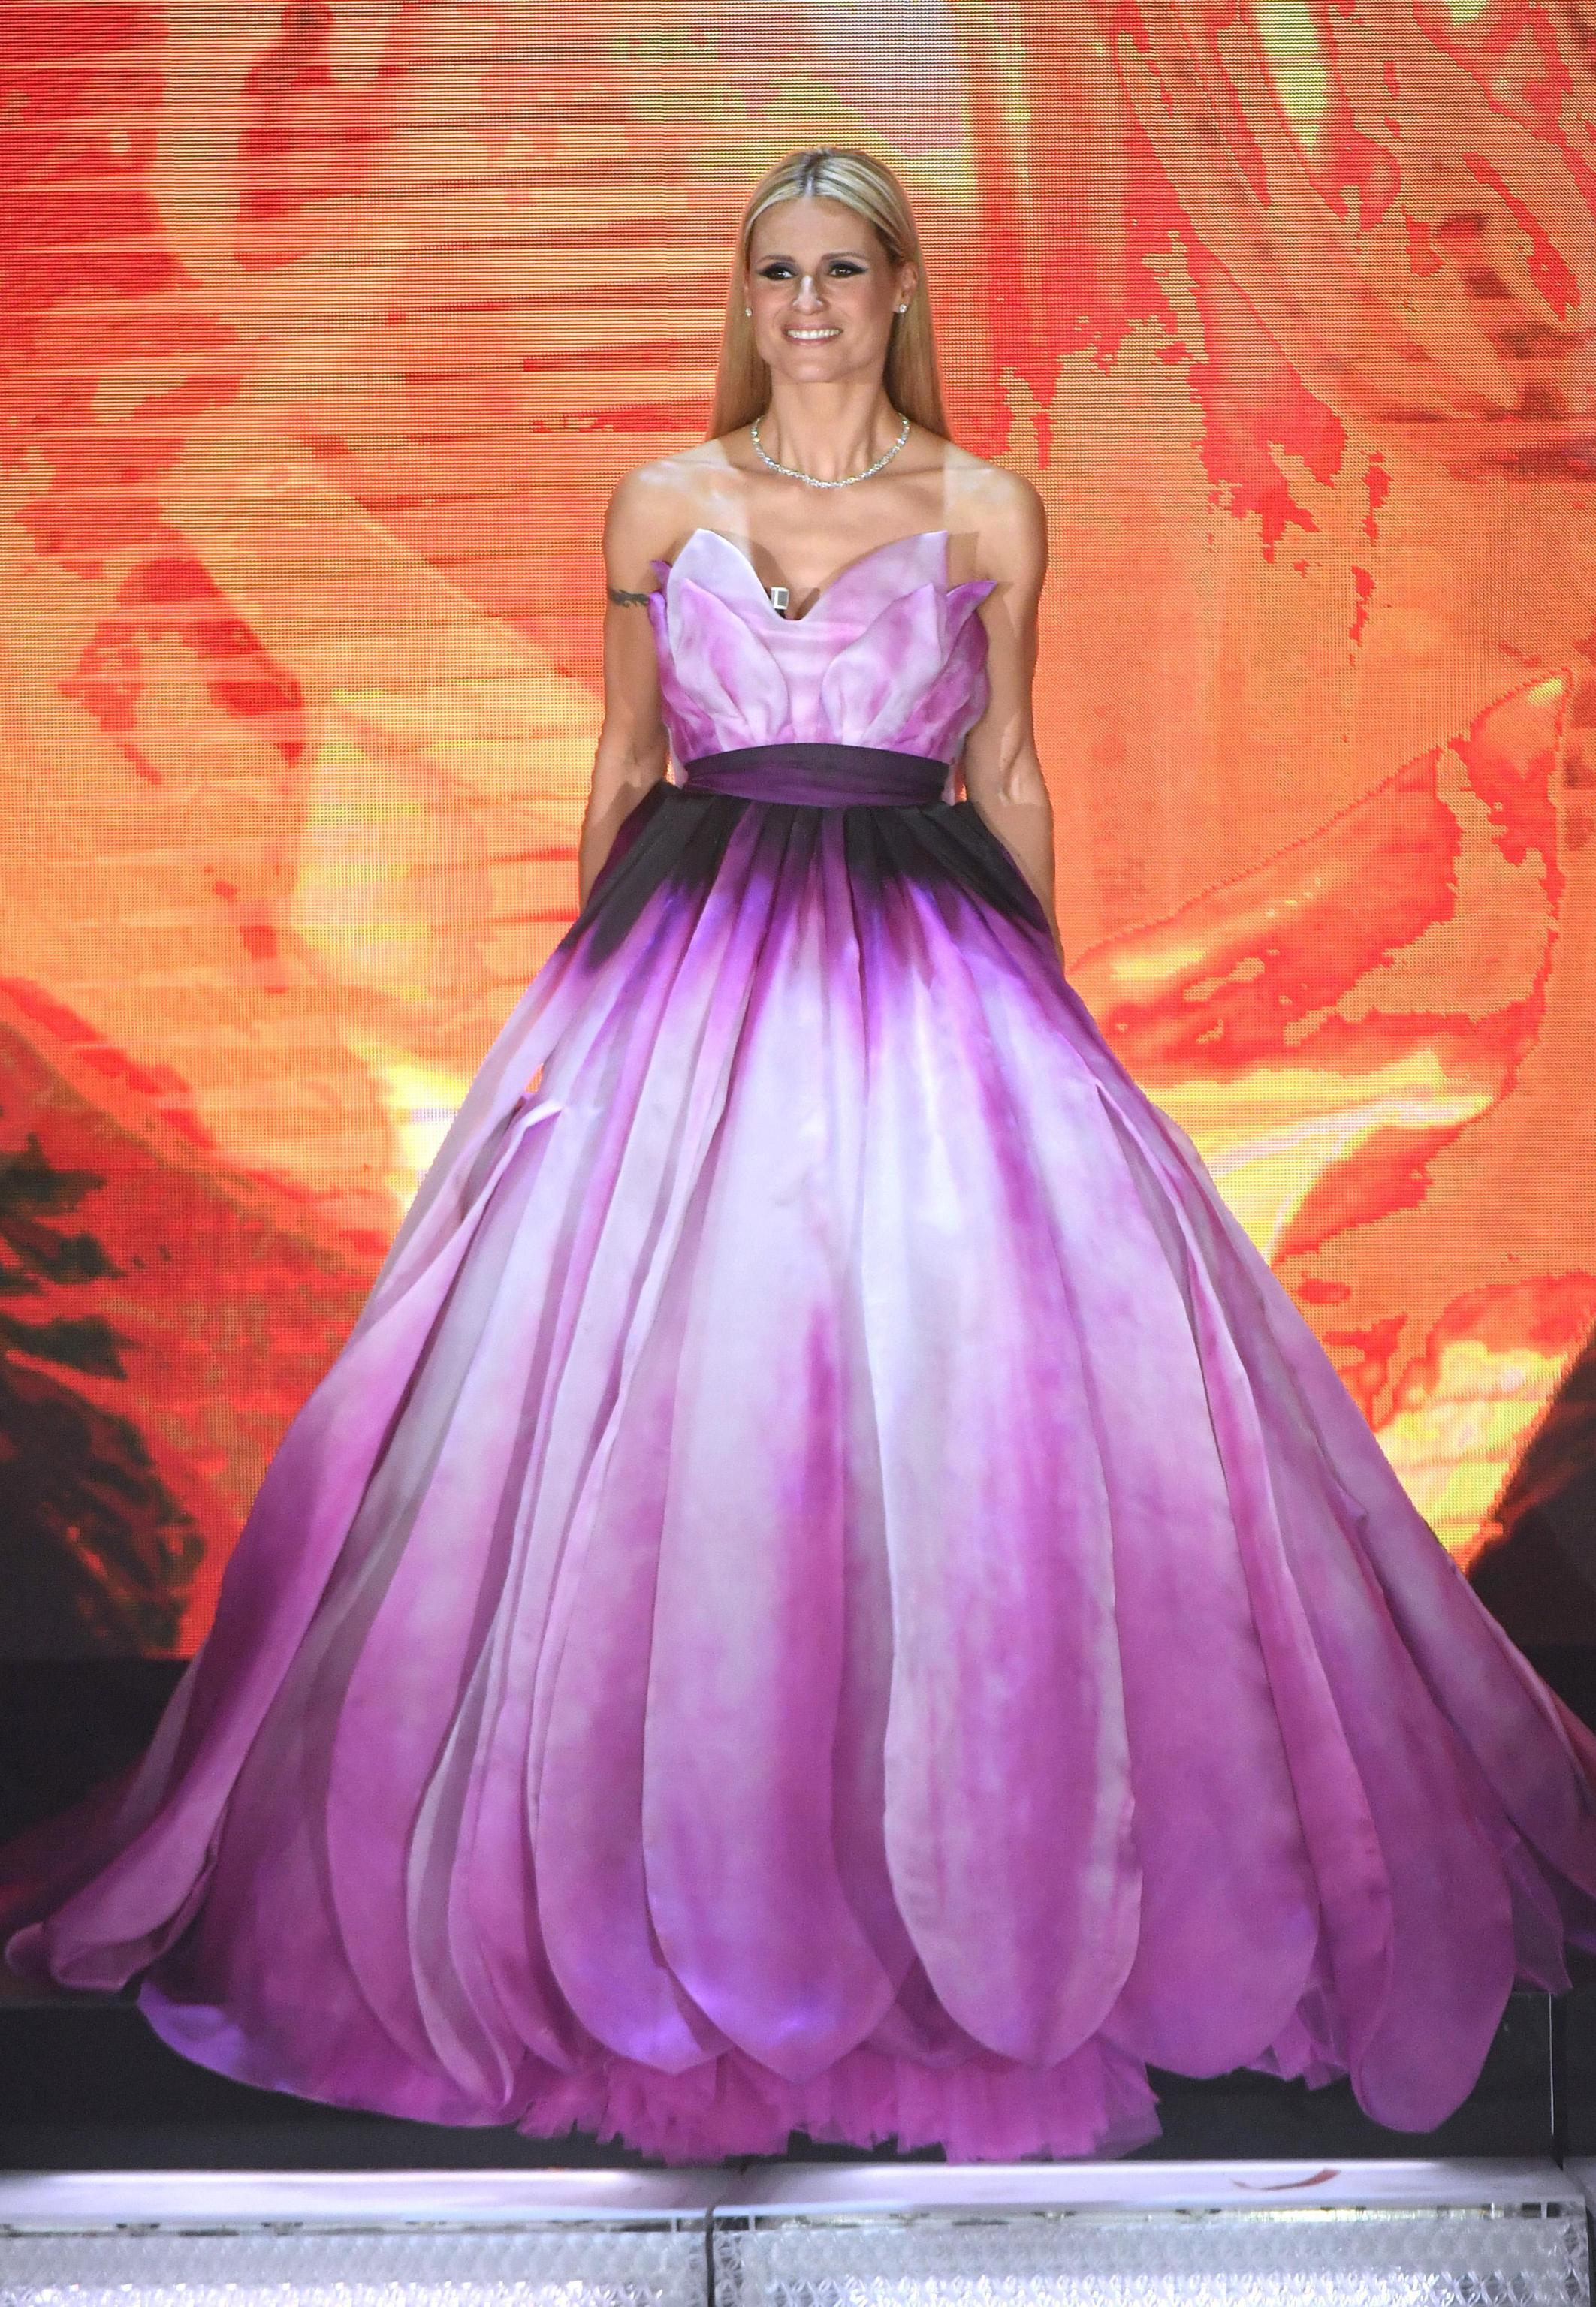 Michelle Hunziker con abito a tema floreale Moschino